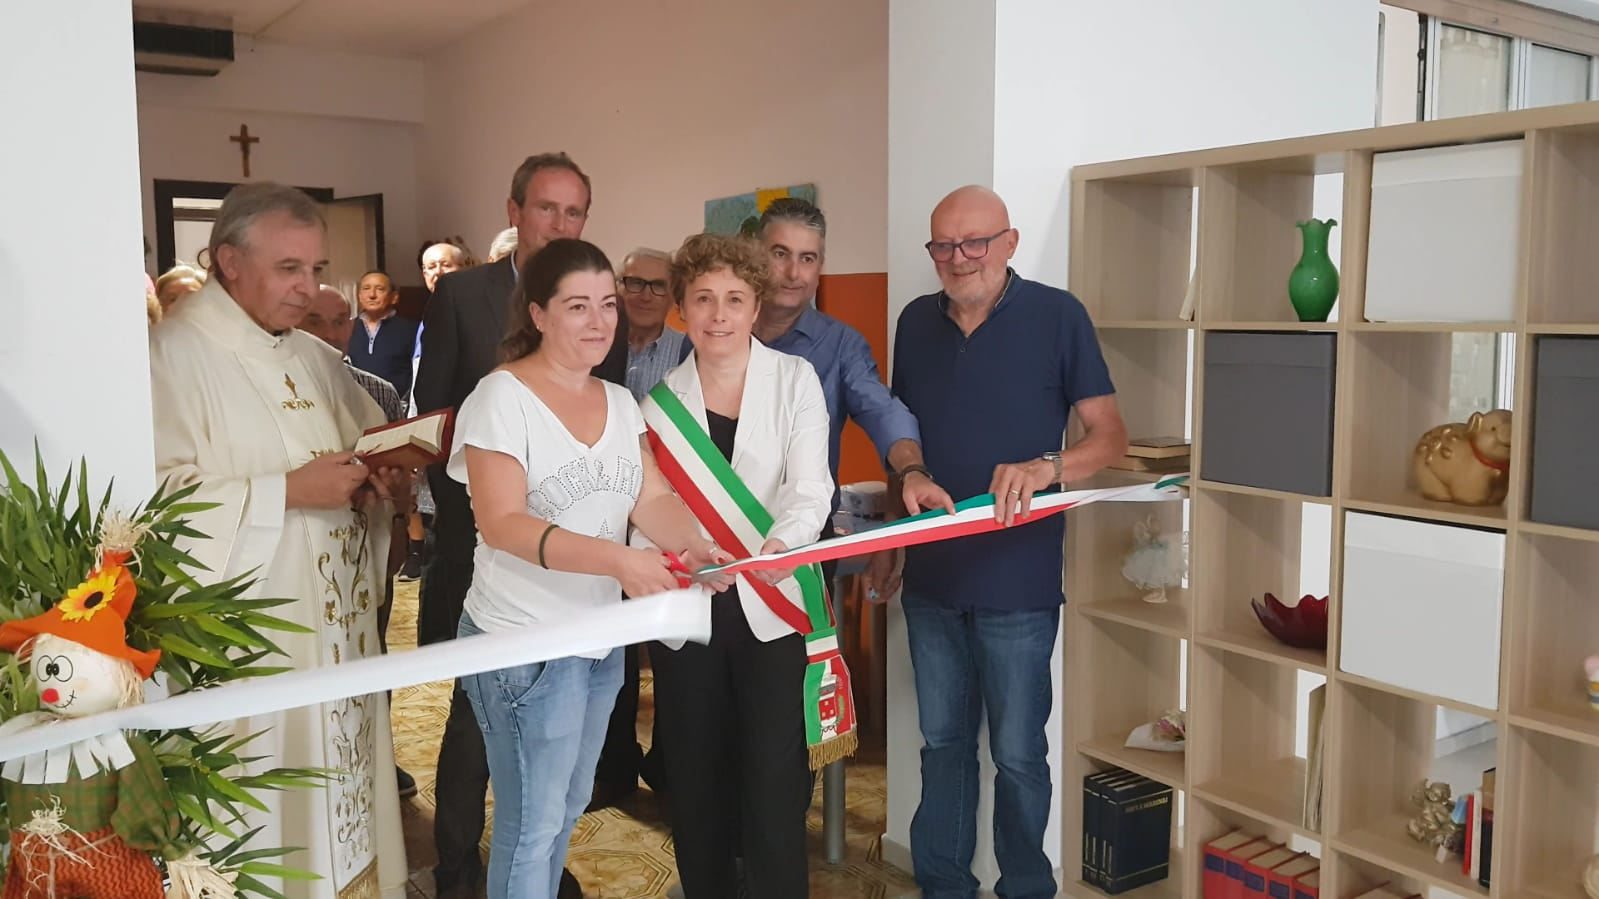 Festa S. Anna 2019 - Messa Inaugurazione (54)